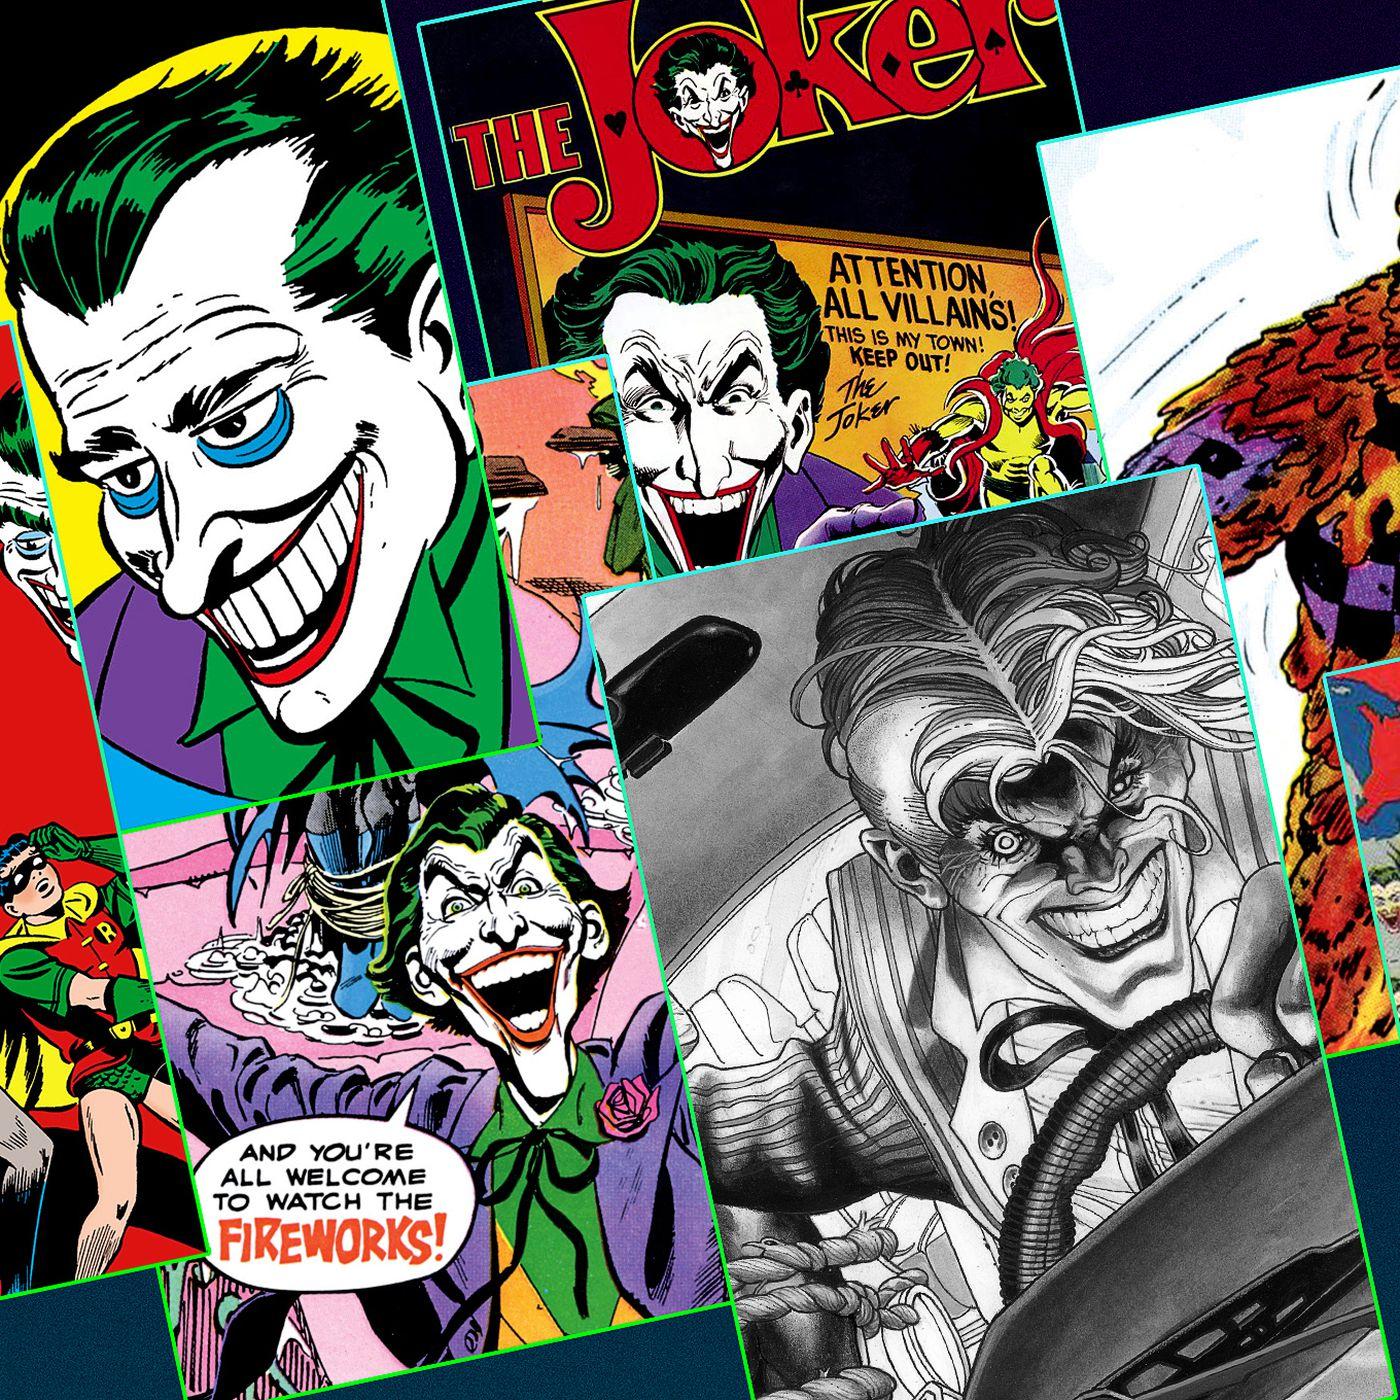 jbareham 191003 0958 joker comics The 20 Biggest Ways Joker Breaks the Superhero Mold